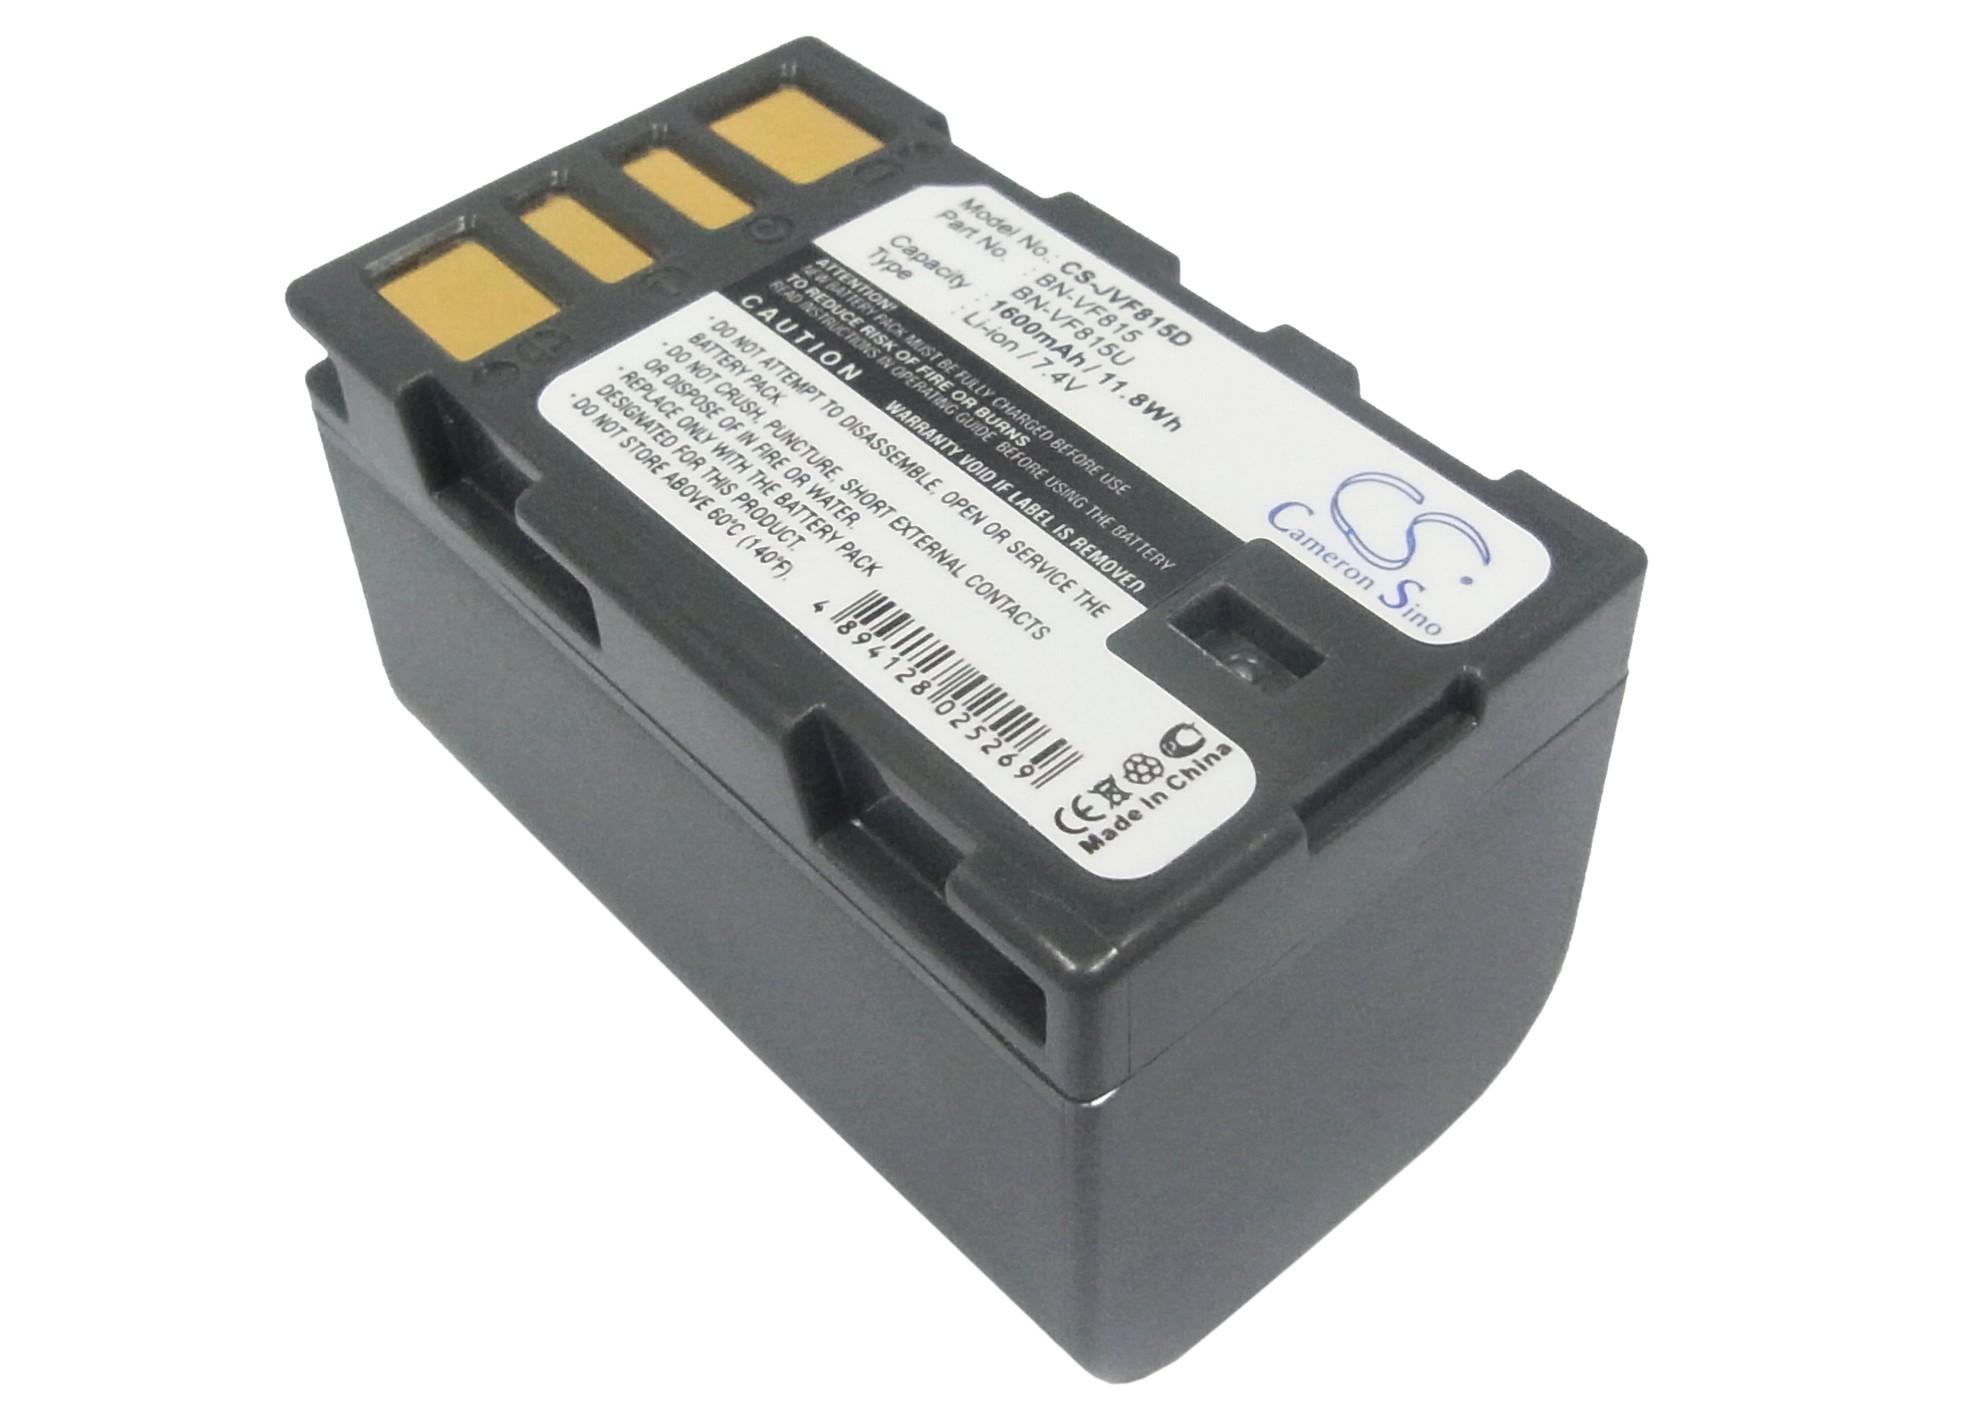 Cameron Sino baterie do kamer a fotoaparátů pro JVC GZ-MG630 7.4V Li-ion 1600mAh černá - neoriginální